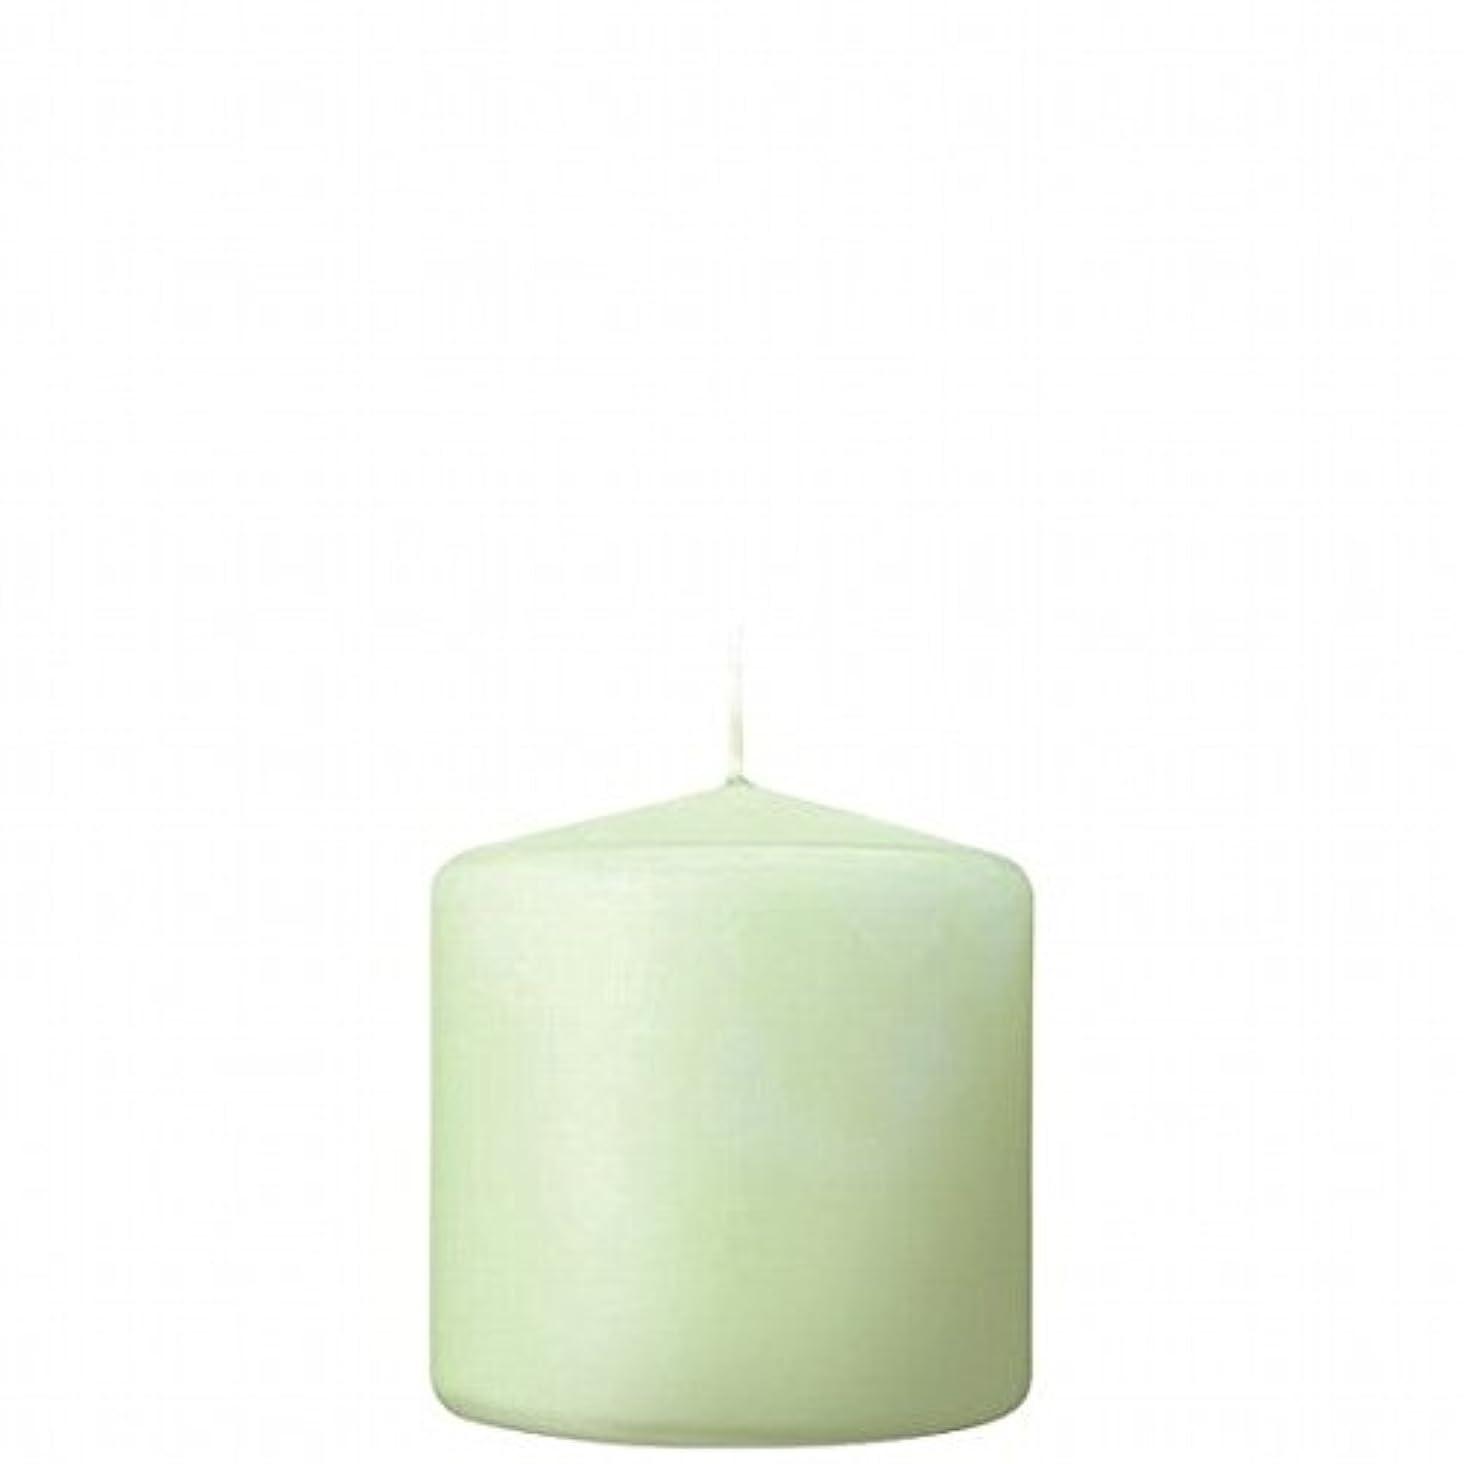 嫉妬アーサーリーダーシップkameyama candle(カメヤマキャンドル) 3×3ベルトップピラーキャンドル 「 ホワイトグリーン 」(A9730000WG)